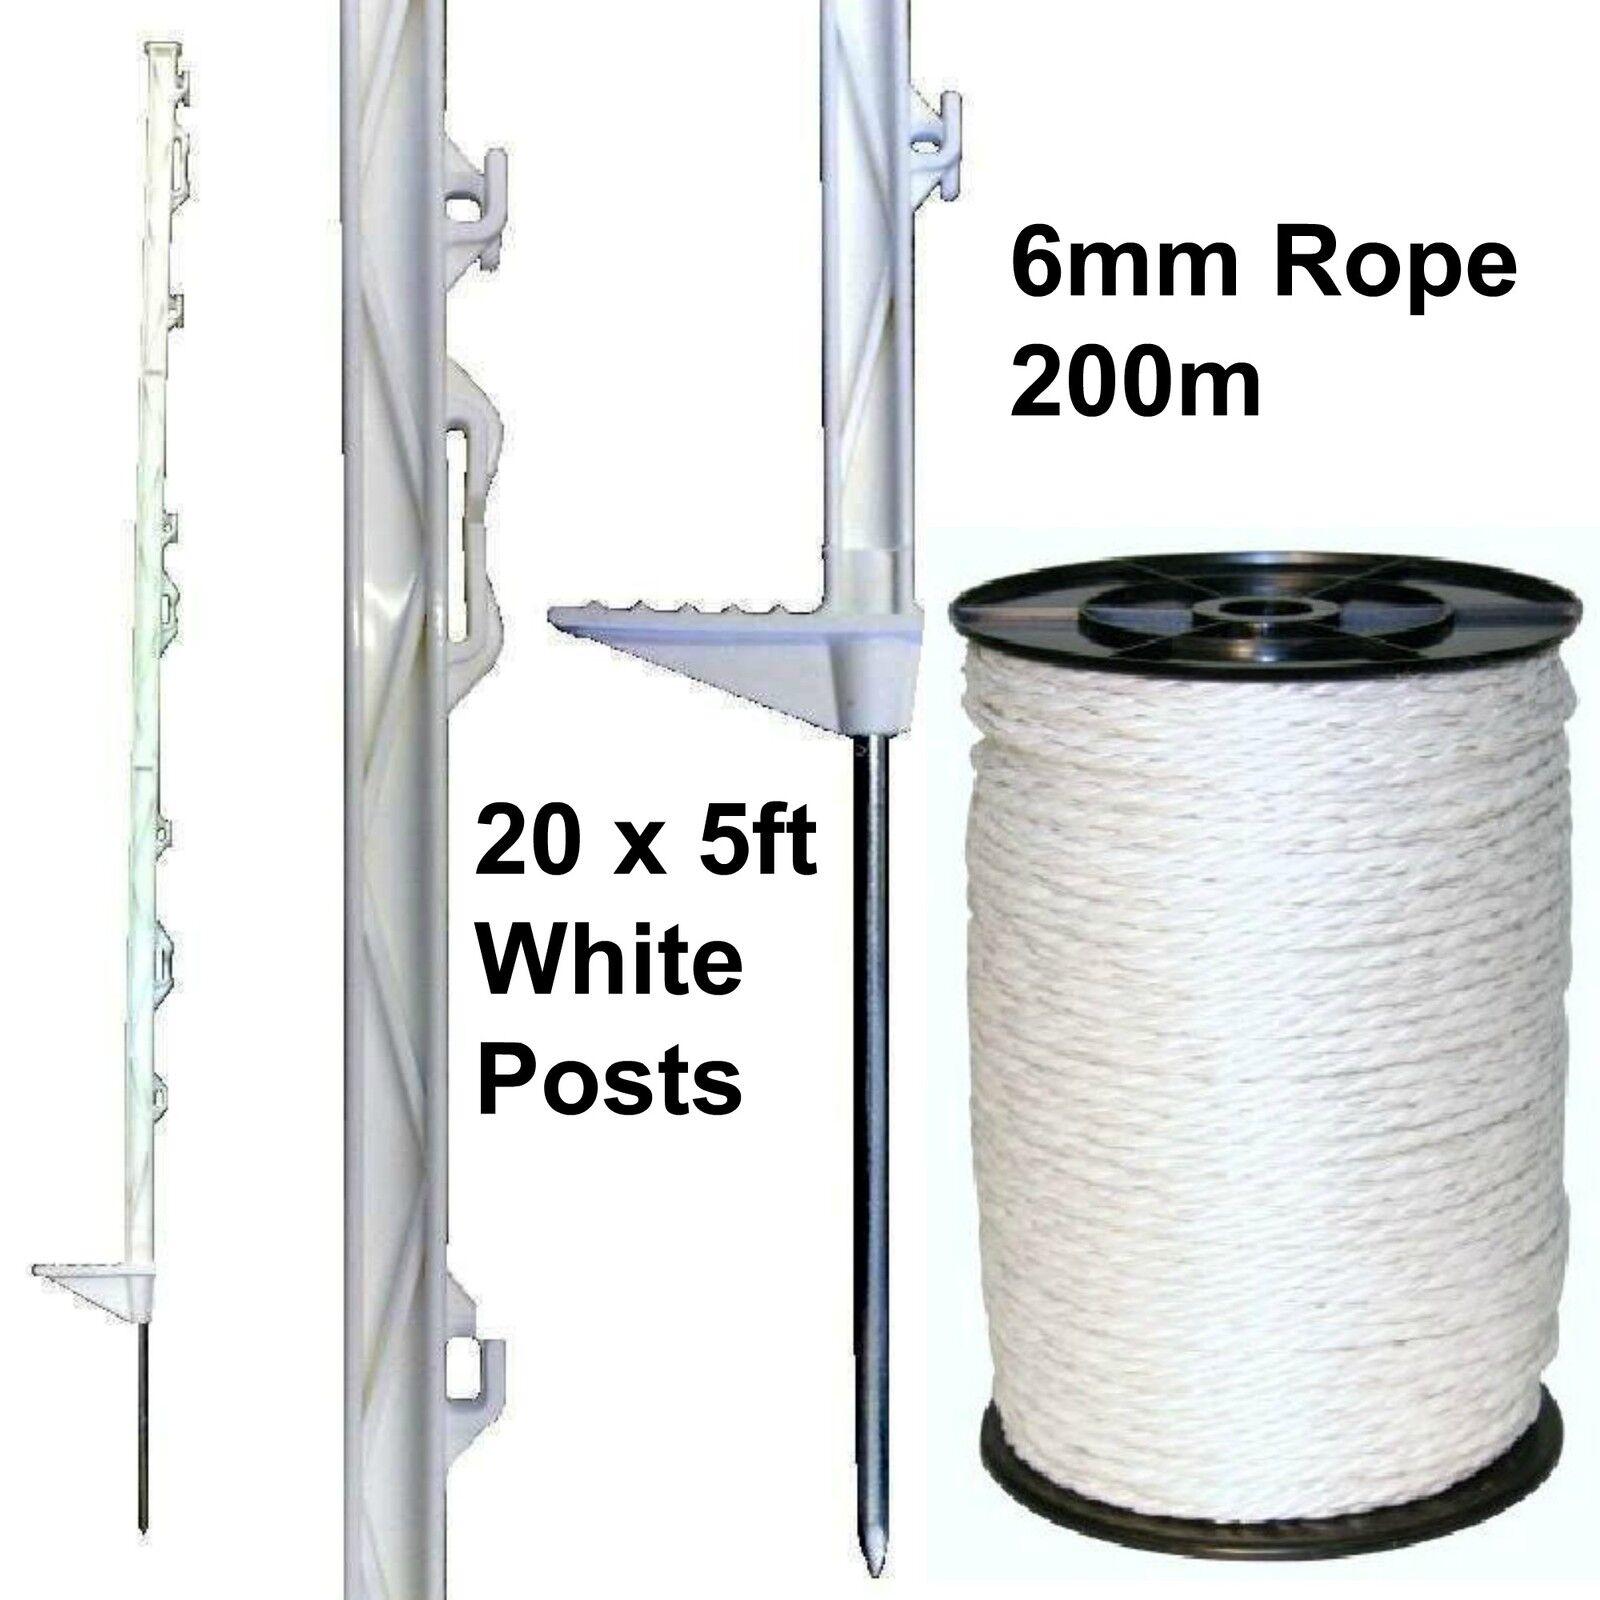 20 X blancoo 5 Pies puestos & 6mm  Poly Cuerda Eléctrica Fence Esgrima Caballo Paddock  artículos novedosos